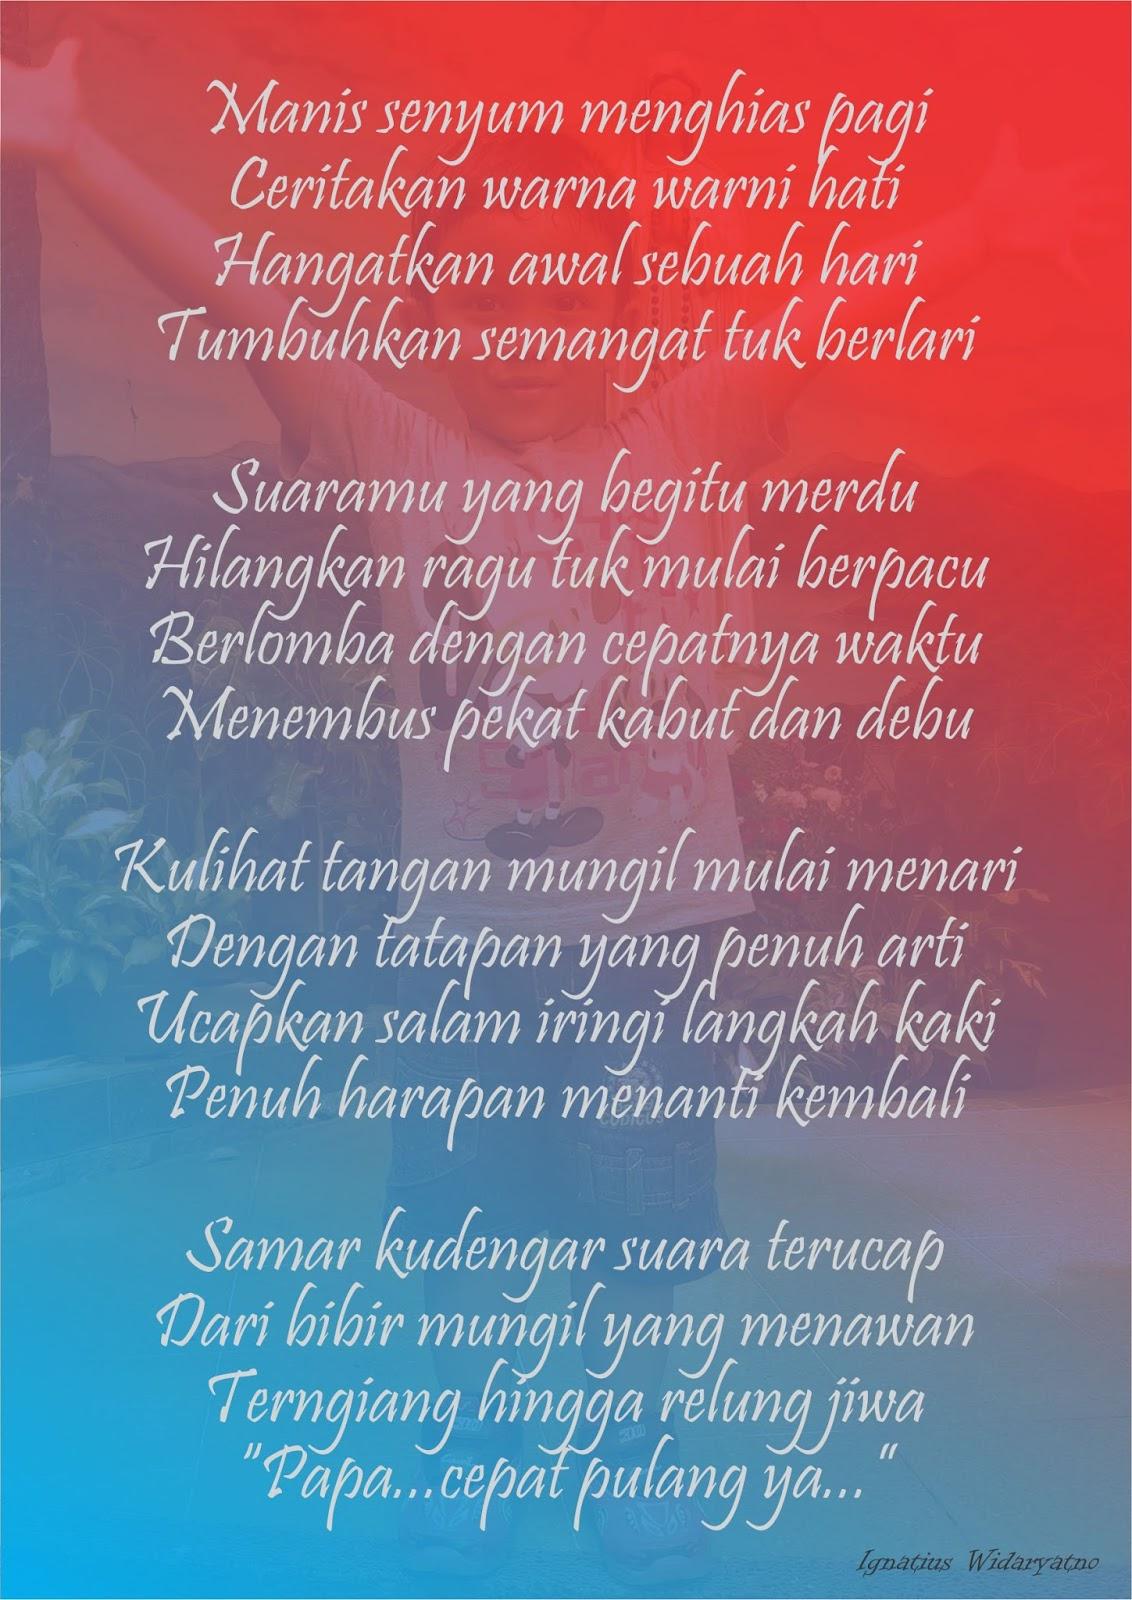 Doa Buat Keluarga Kecilku : keluarga, kecilku, Mutiara, Untuk, Keluarga, Kecilku, Cikimm.com